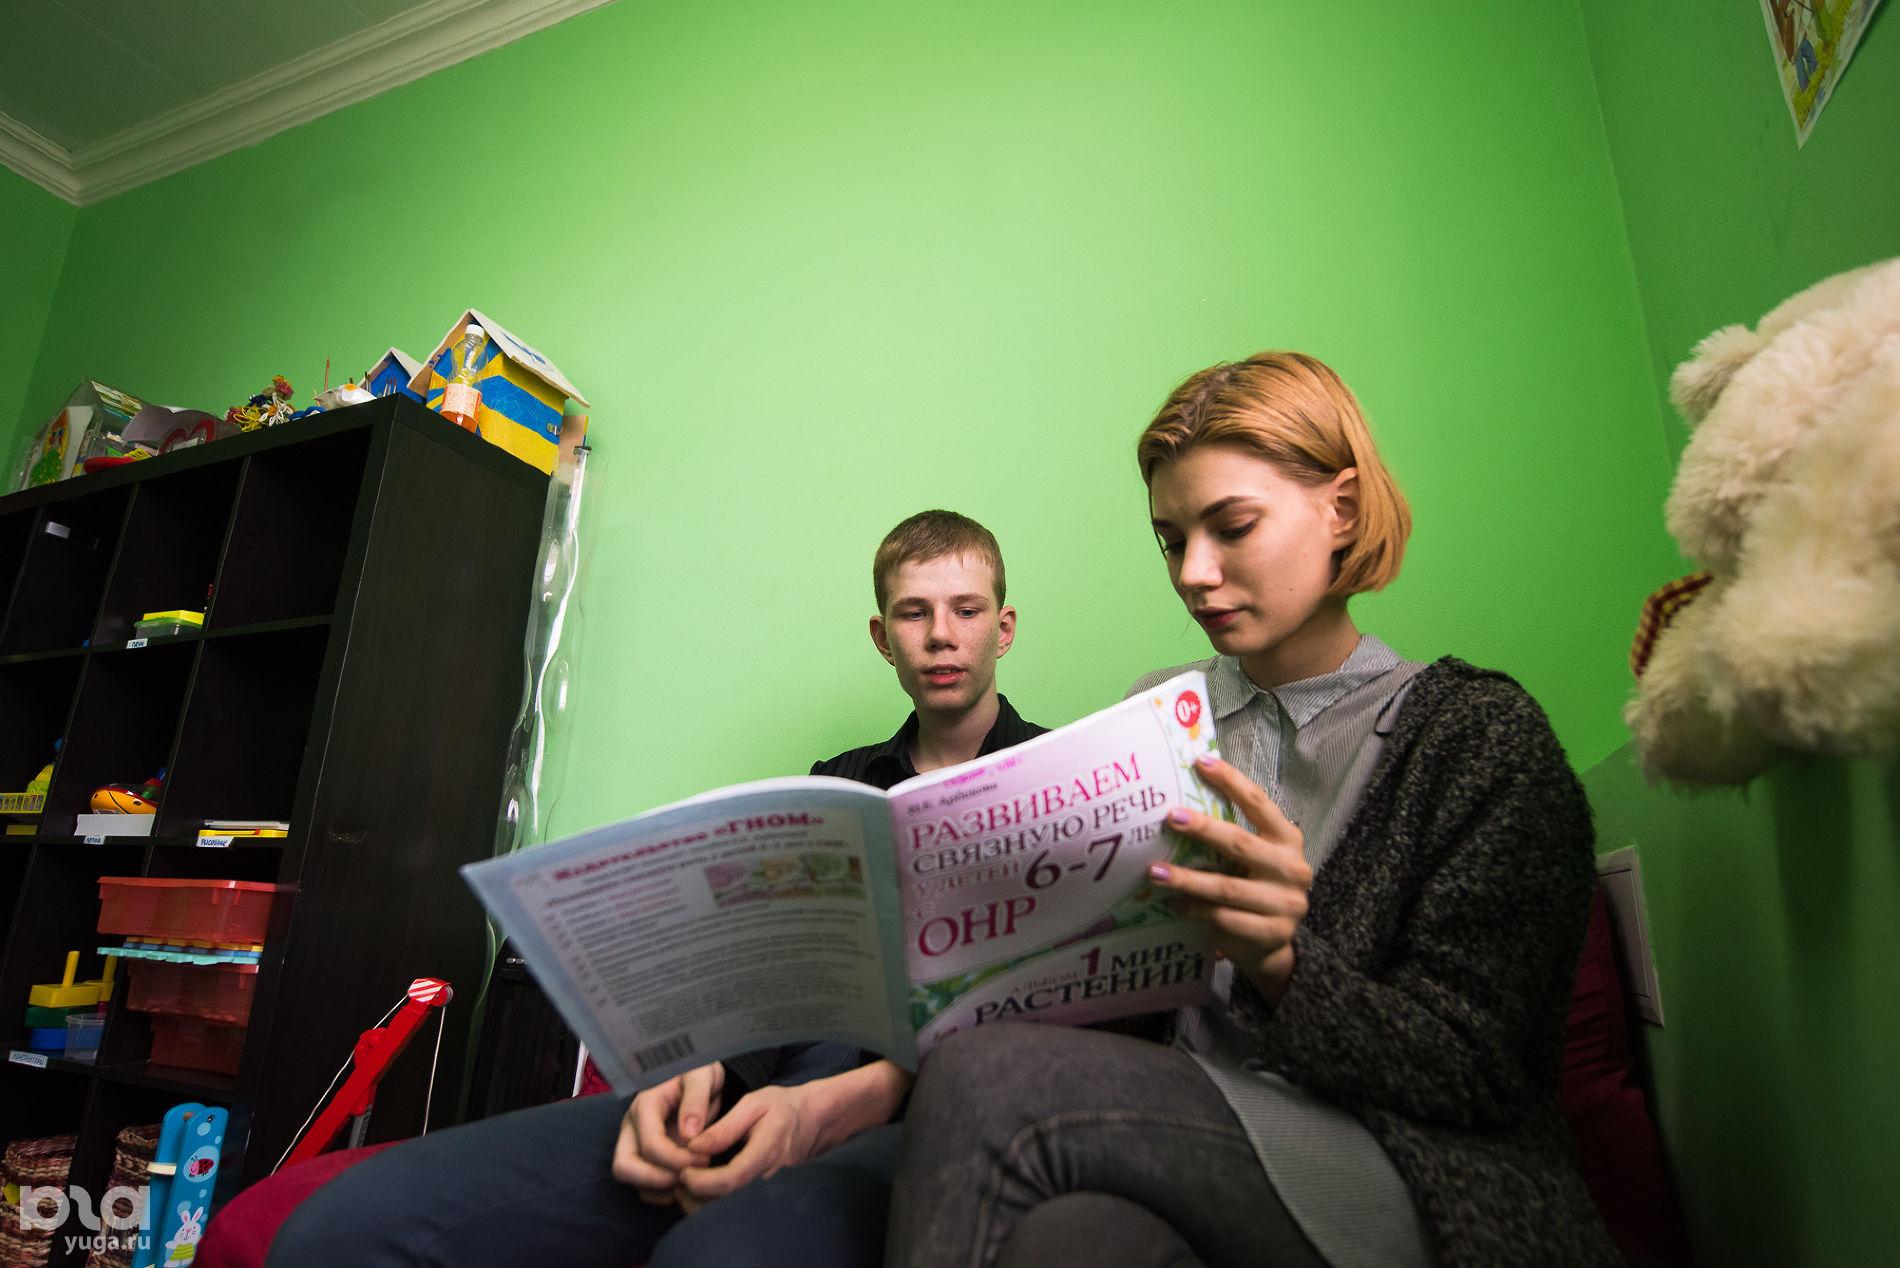 Занятие с Никитой в тренировочной комнате на базе фонда «Синяя птица» ©фото Елены Синеок, Юга.ру